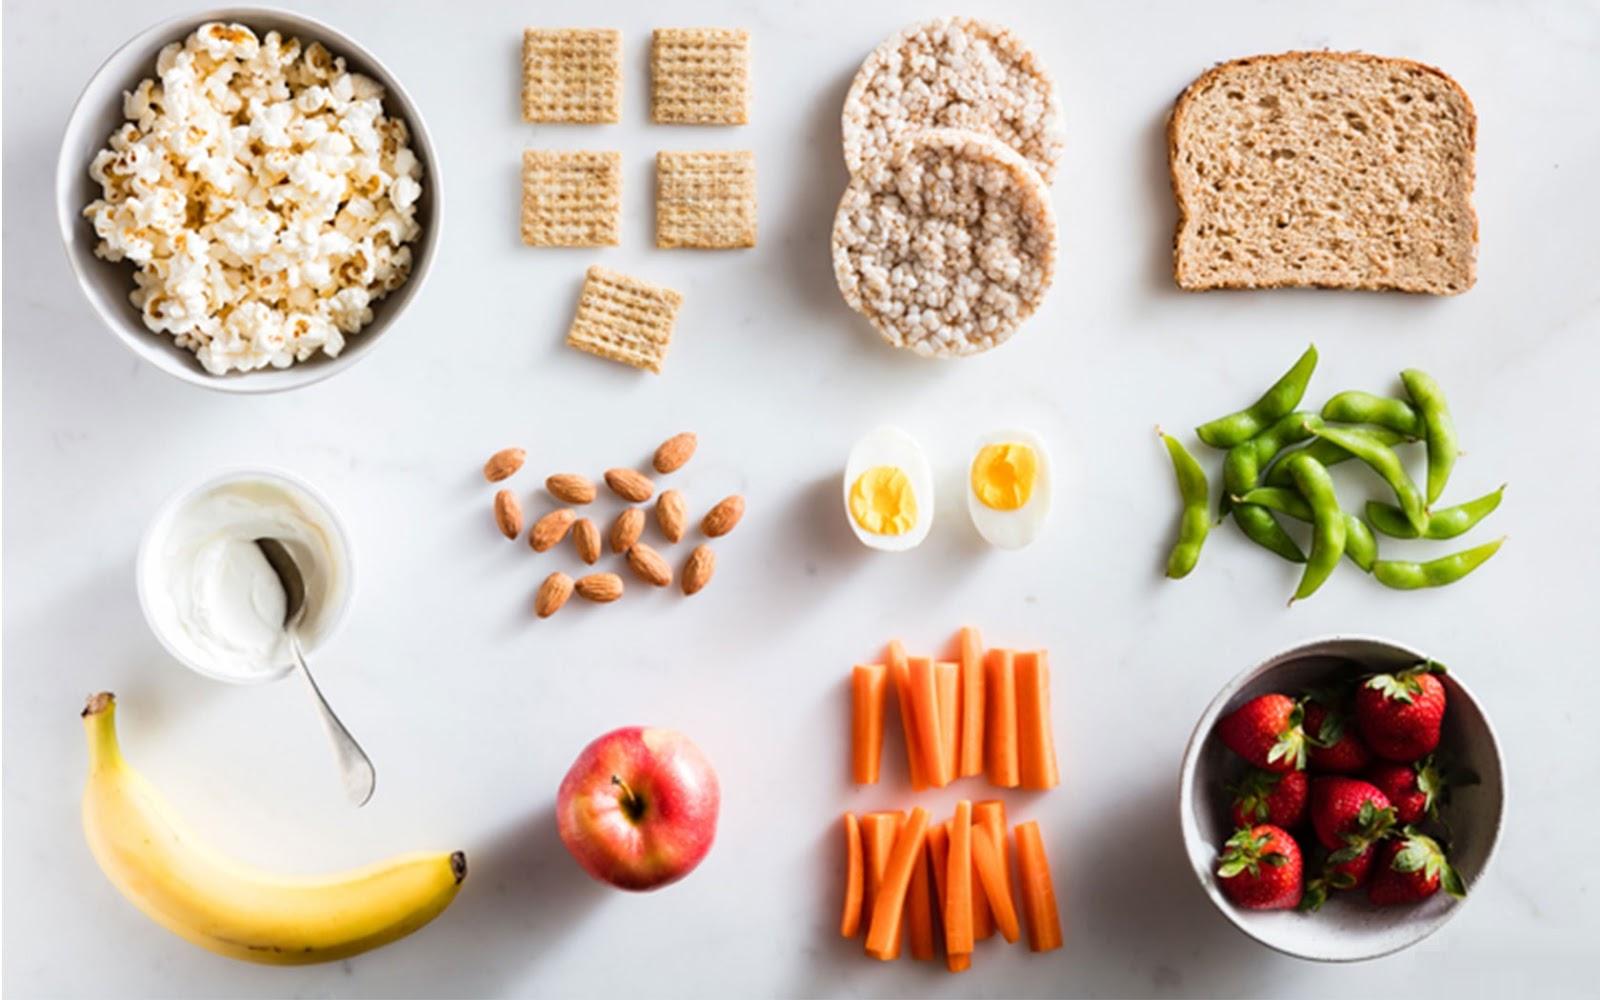 Целевые потребители хотят, чтобы злаковые хлебцы и батончики готовились по современным технологиям